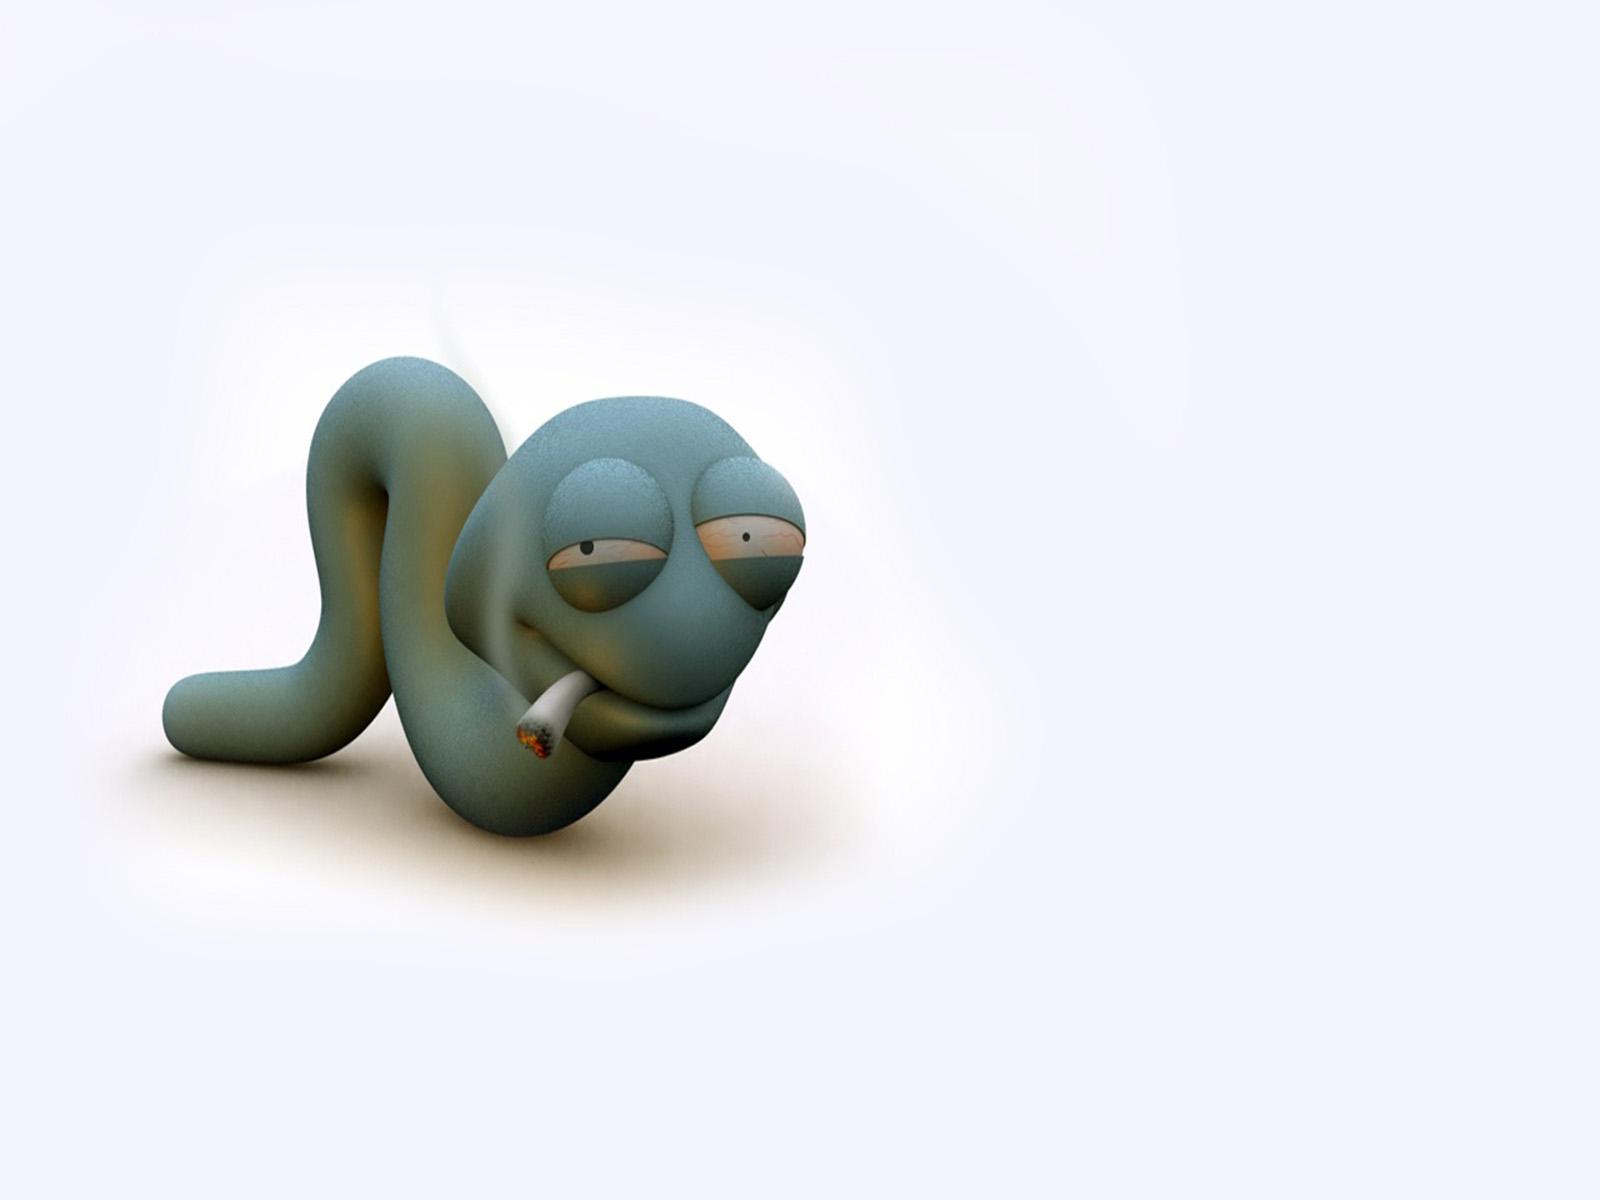 funny 3d cartoon hd images   pixelstalk